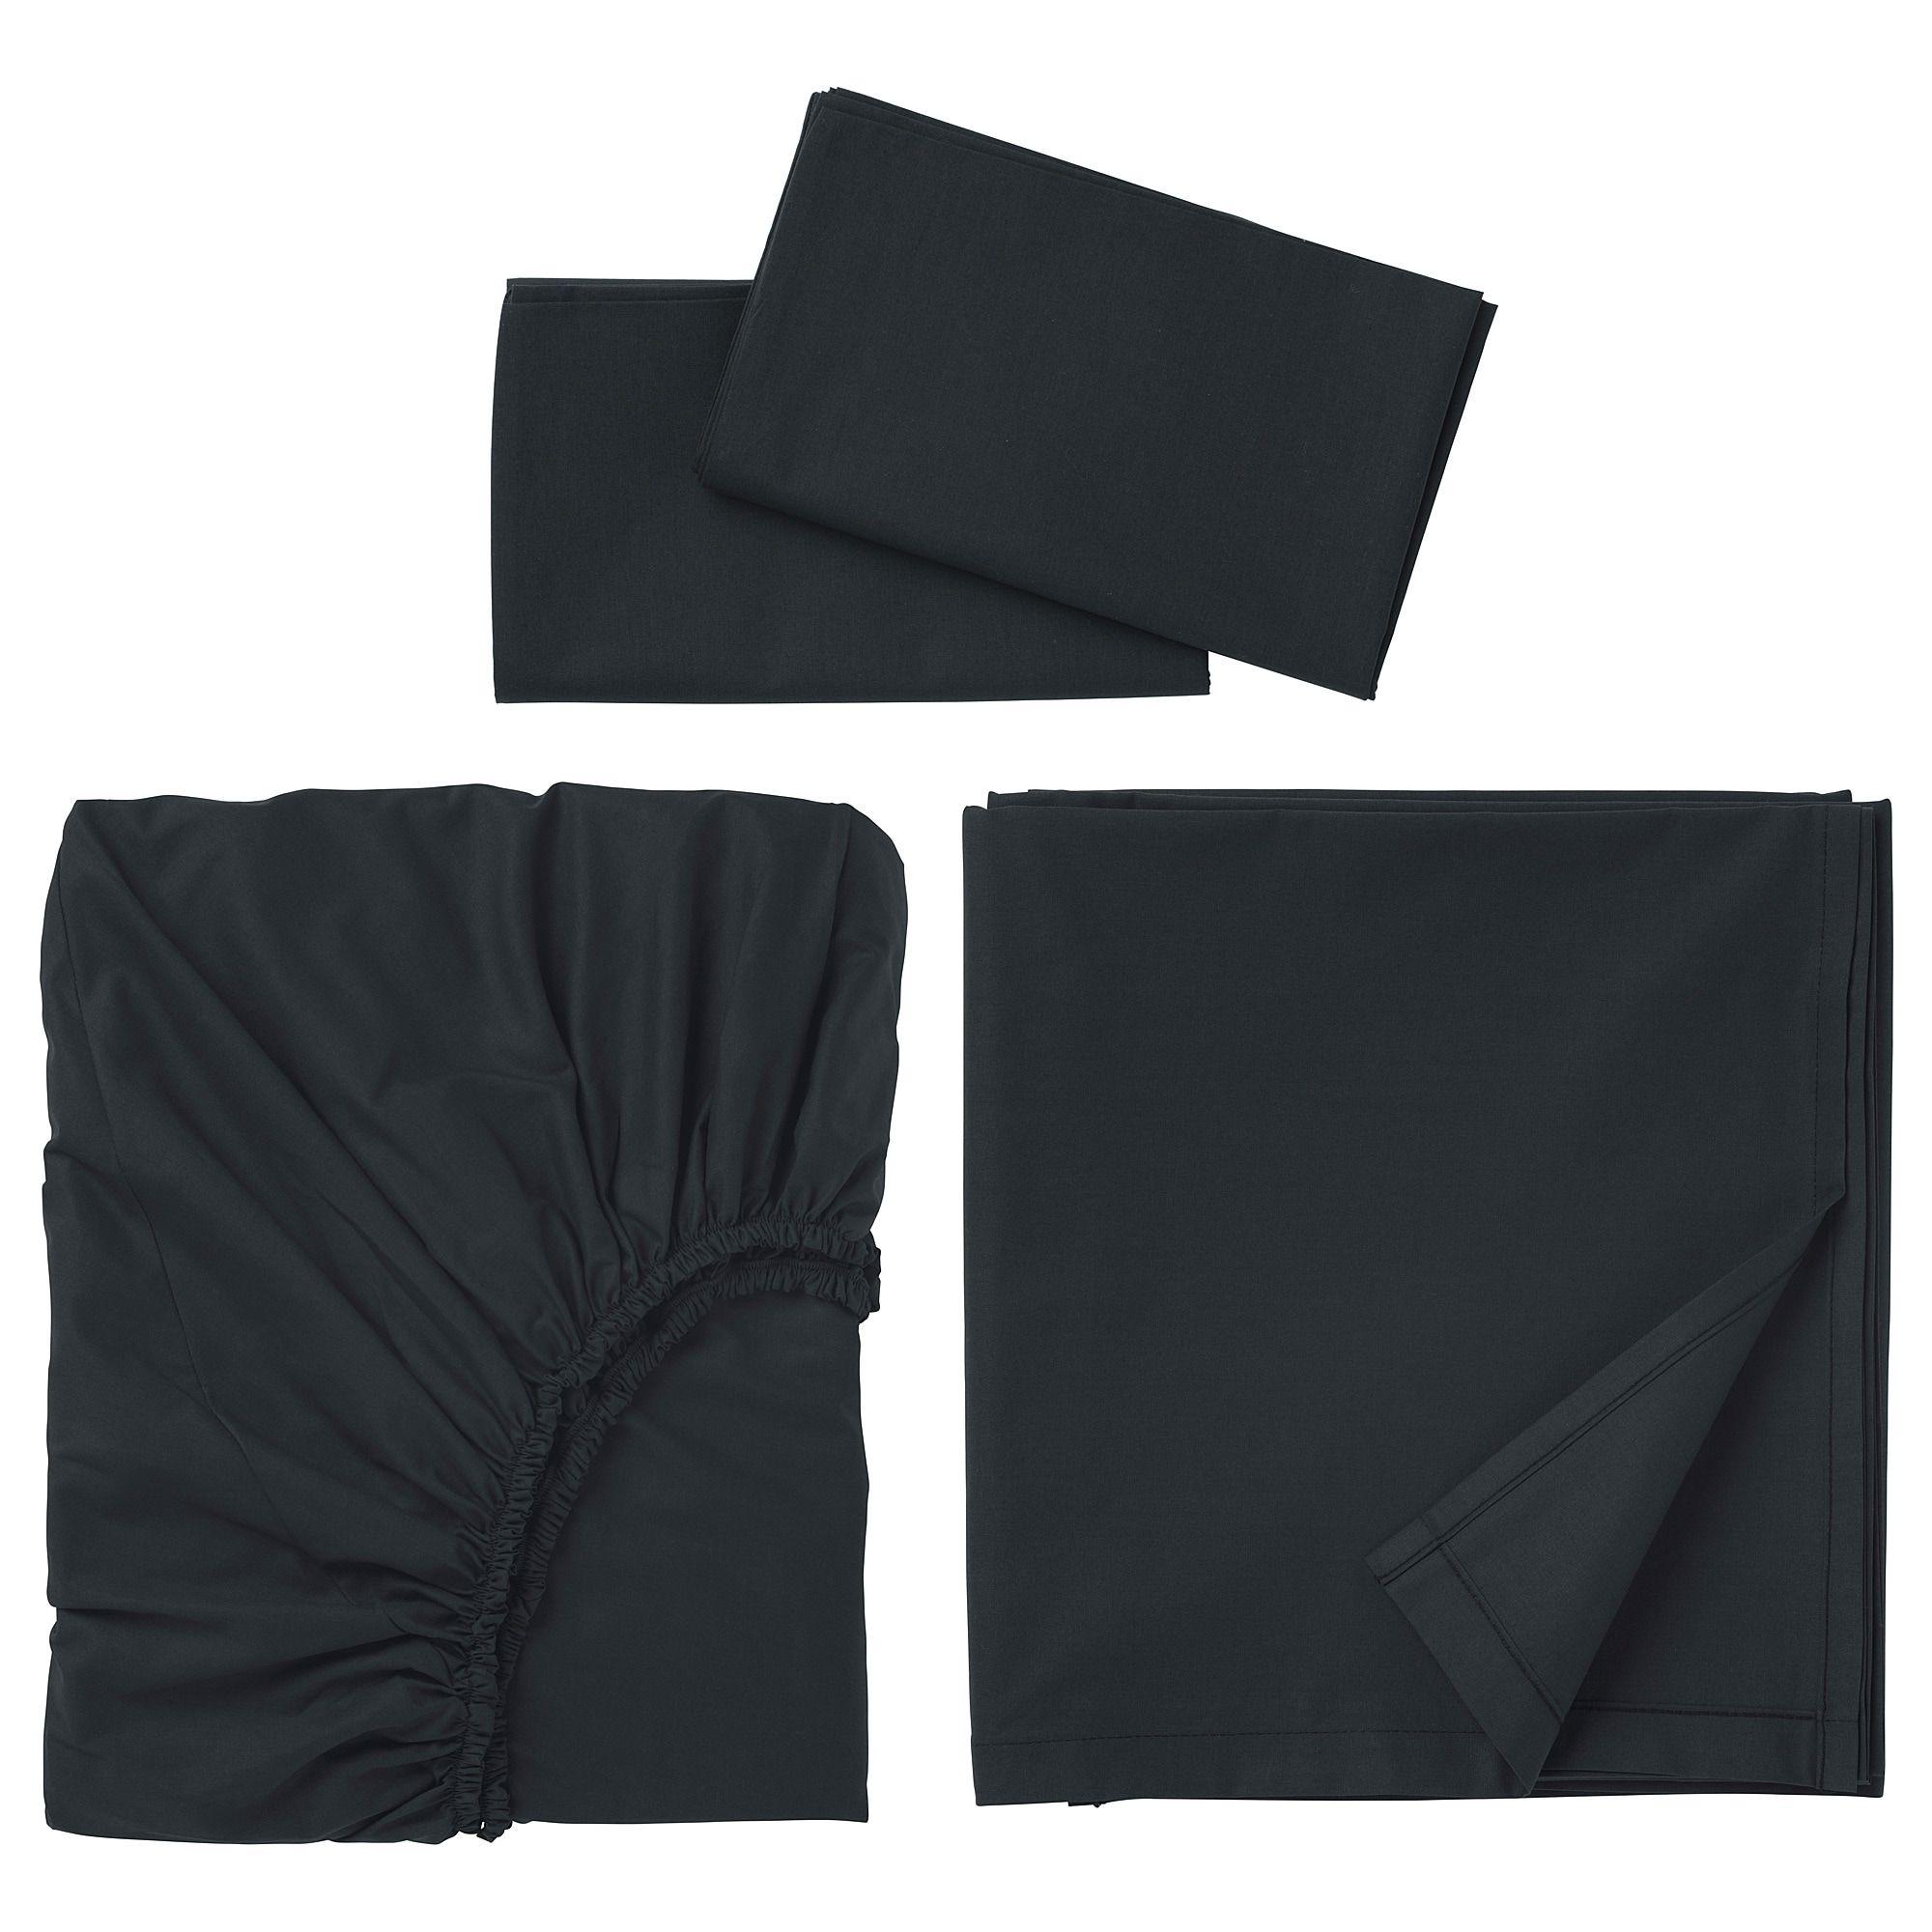 DVALA Sheet set, black, Queen IKEA in 2020 Sheet sets